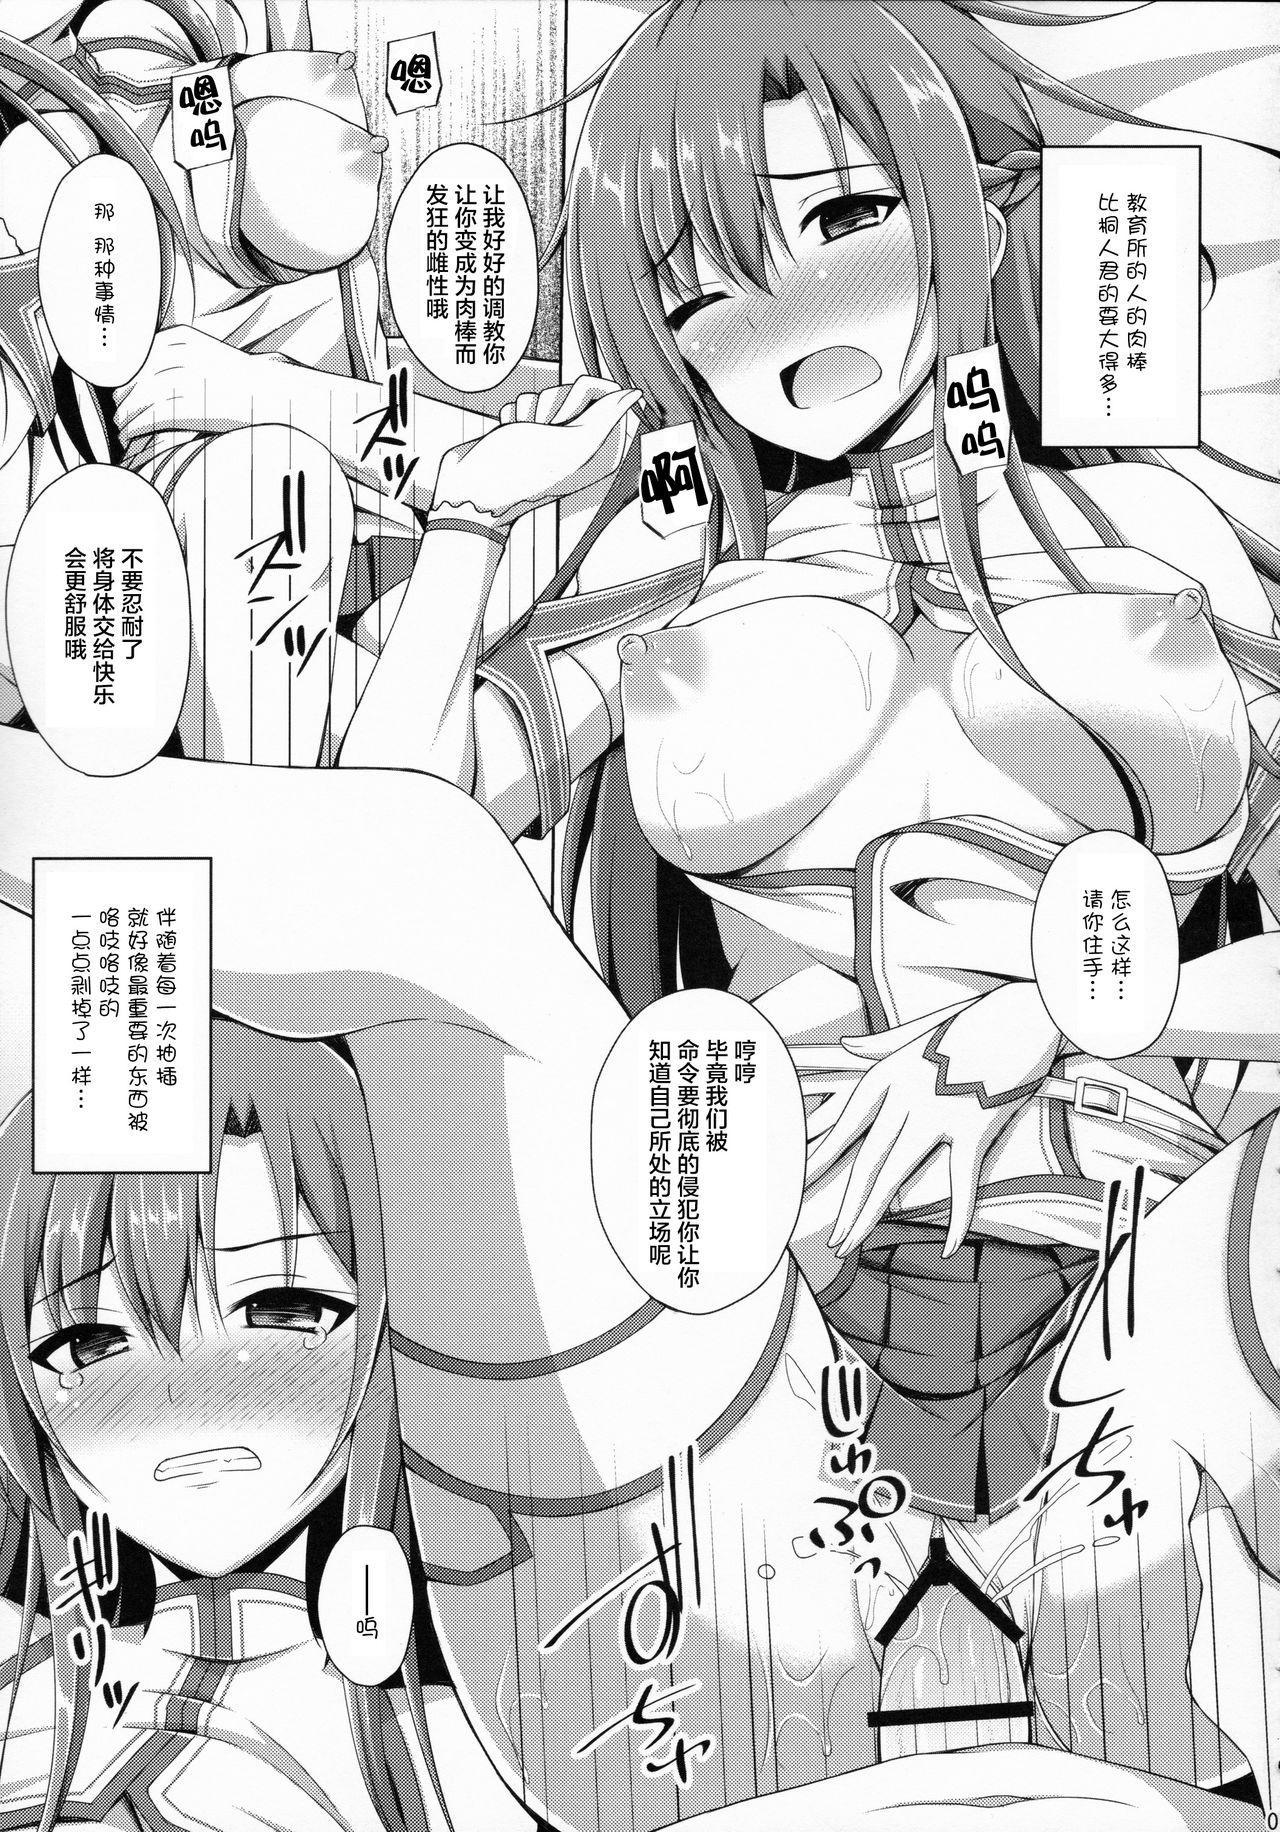 Ore no Ai shita Kanojo wa mou Inai... 5